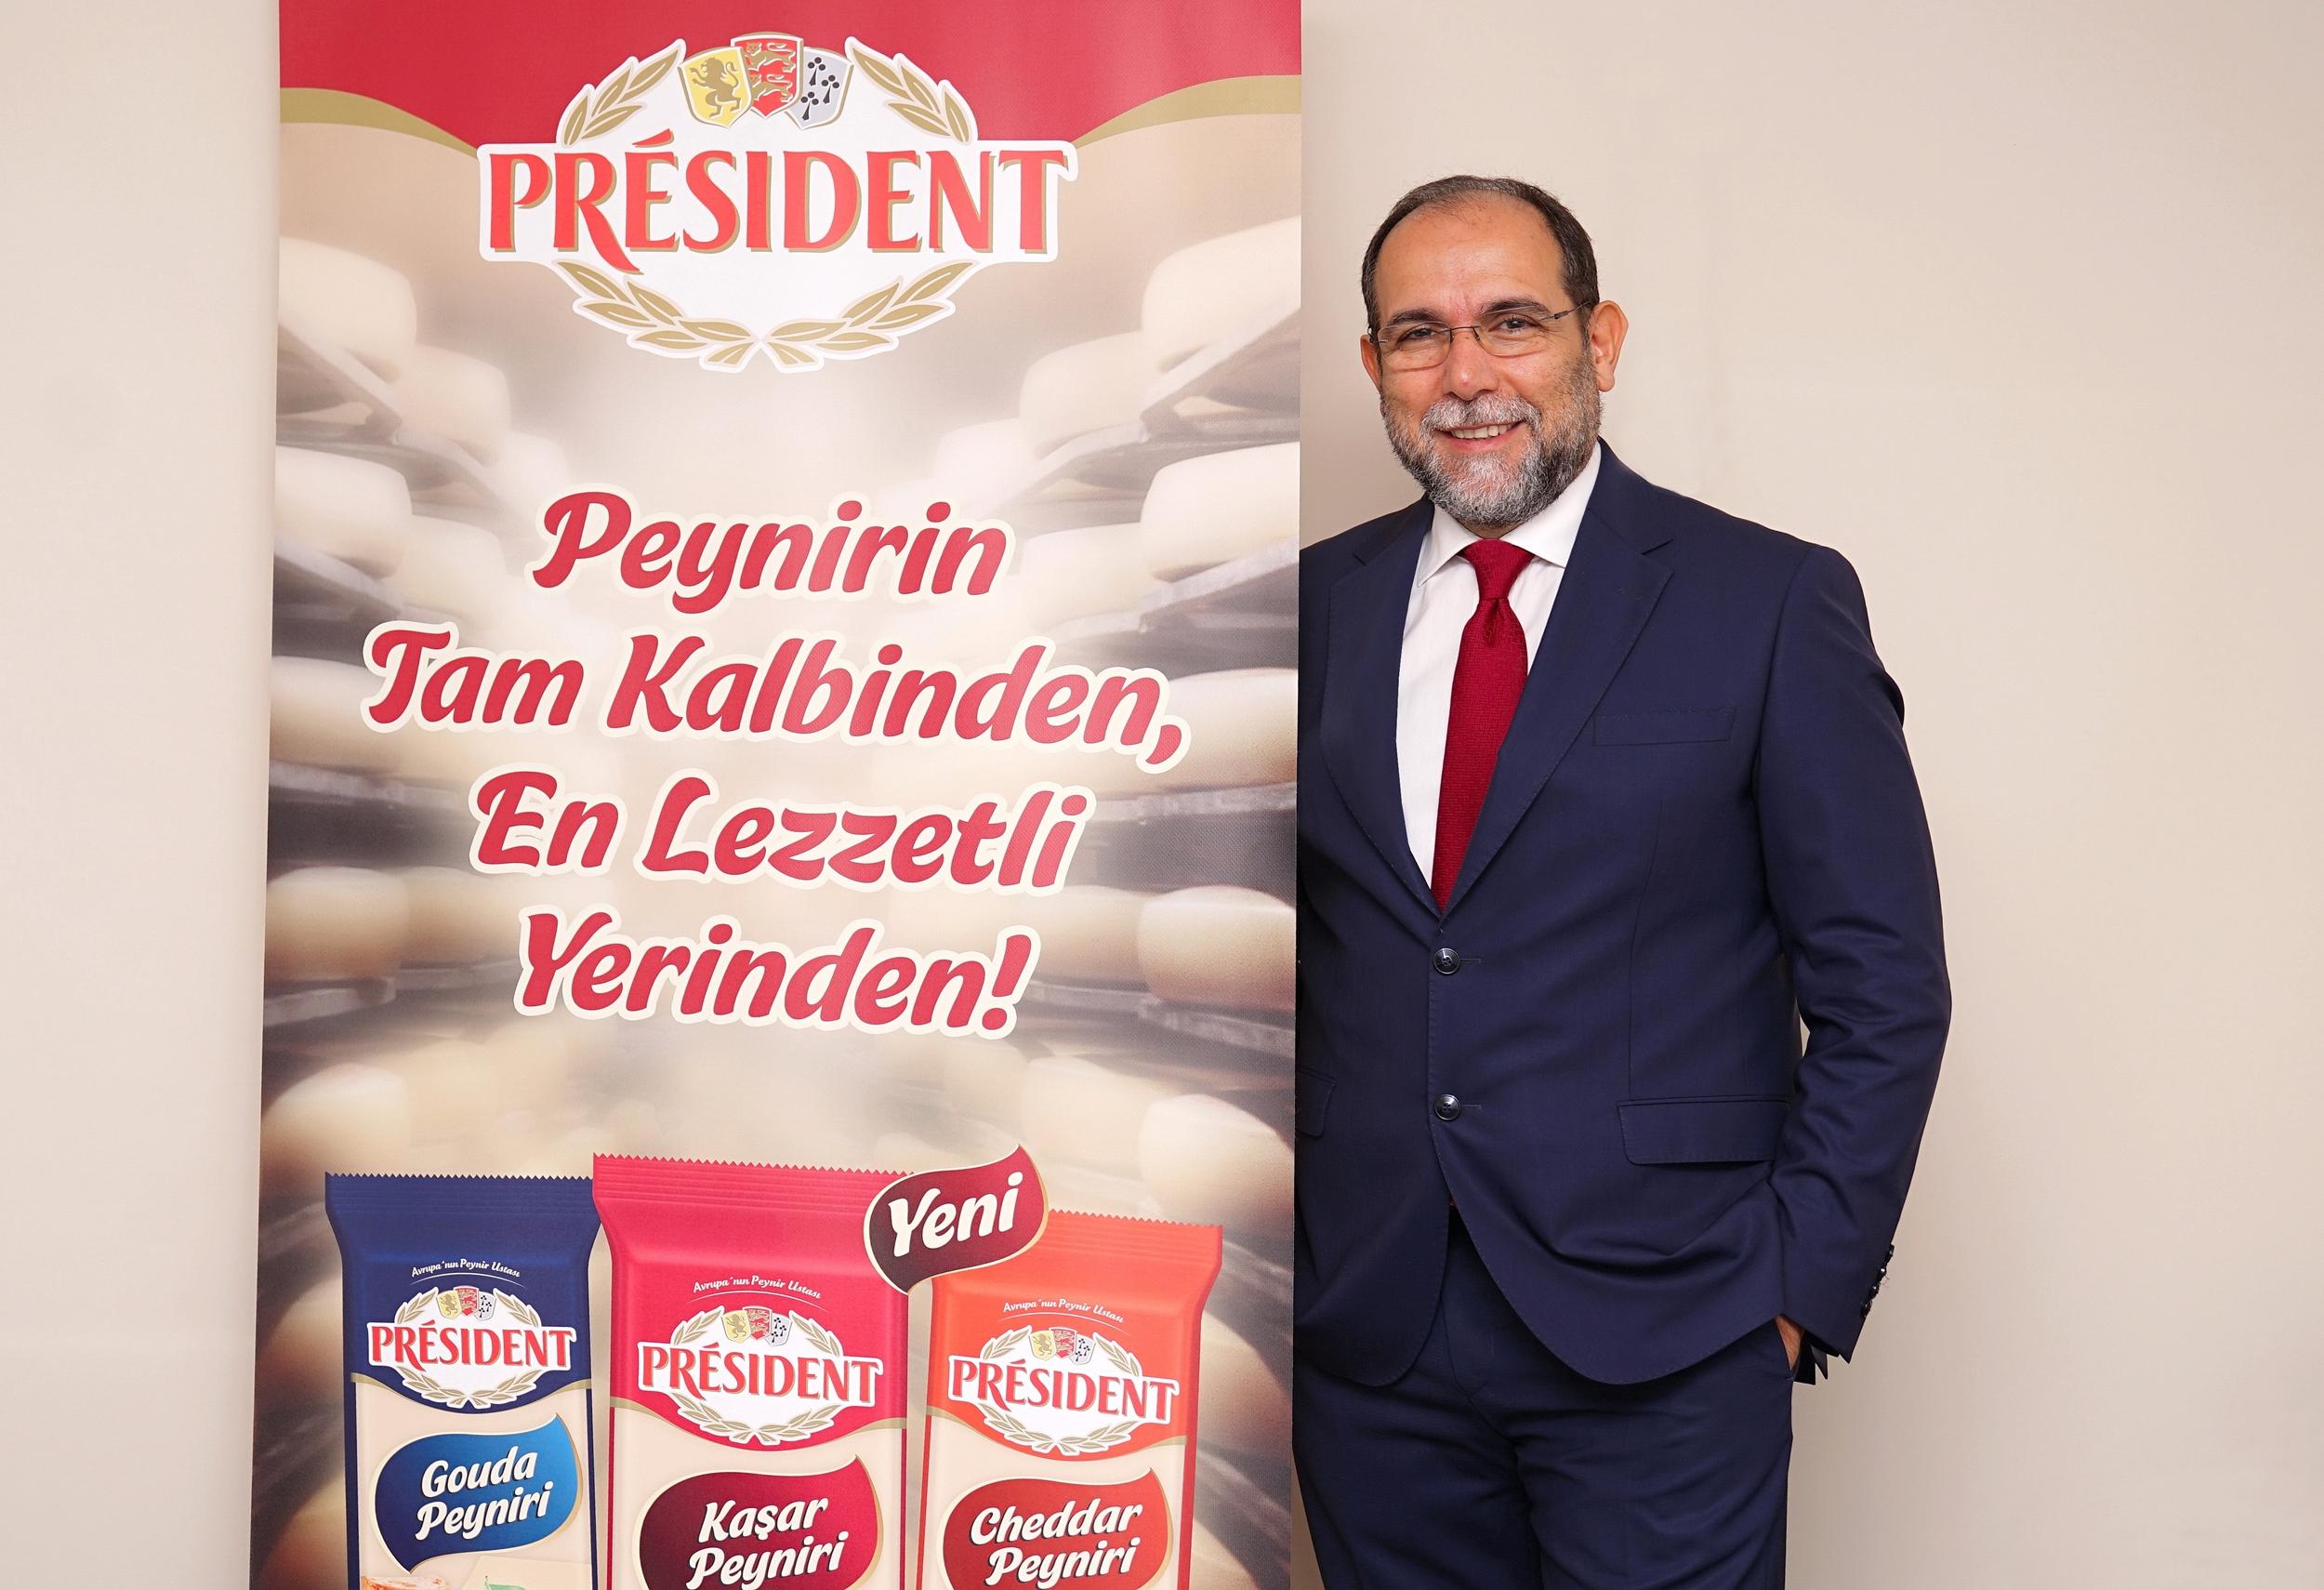 Avrupa'nın 85 yıllık peynir üreticisi President Türkiye pazarına adım attı